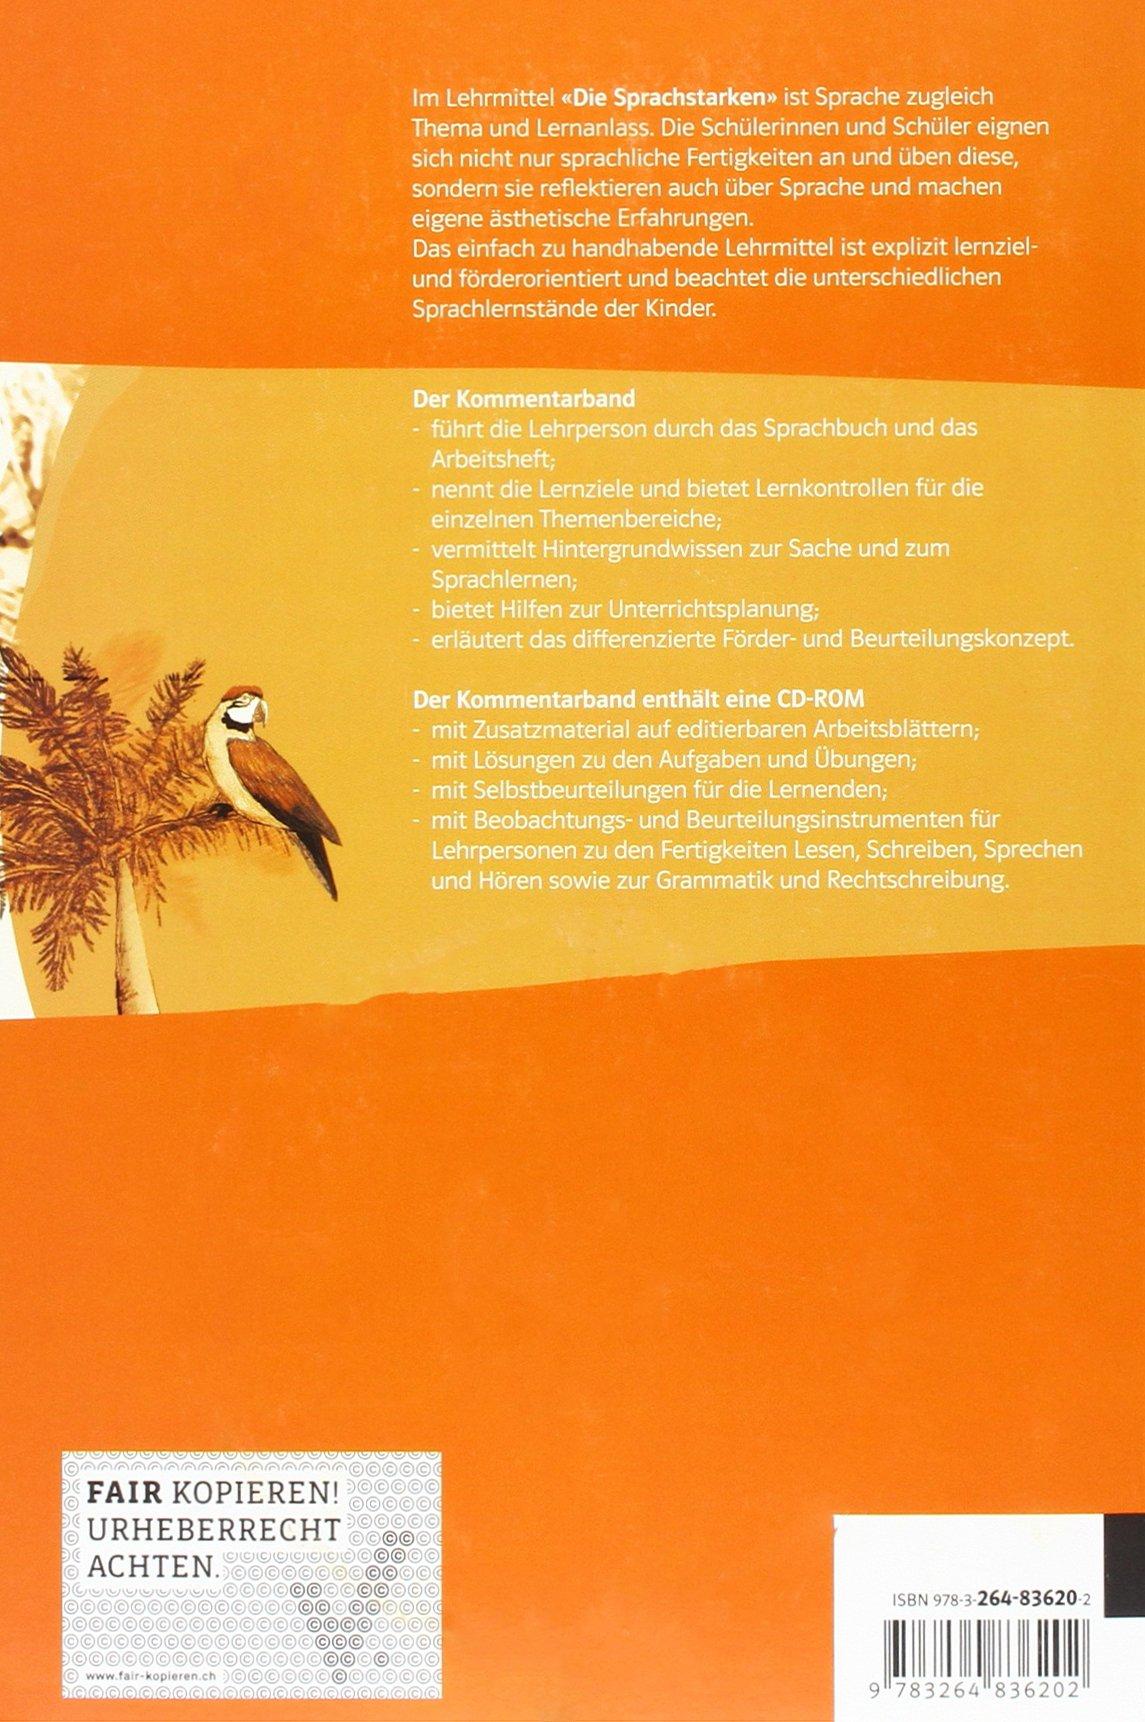 Die Sprachstarken 3. Klasse, Kommentarband m. CD-ROM: 9783264836202 ...